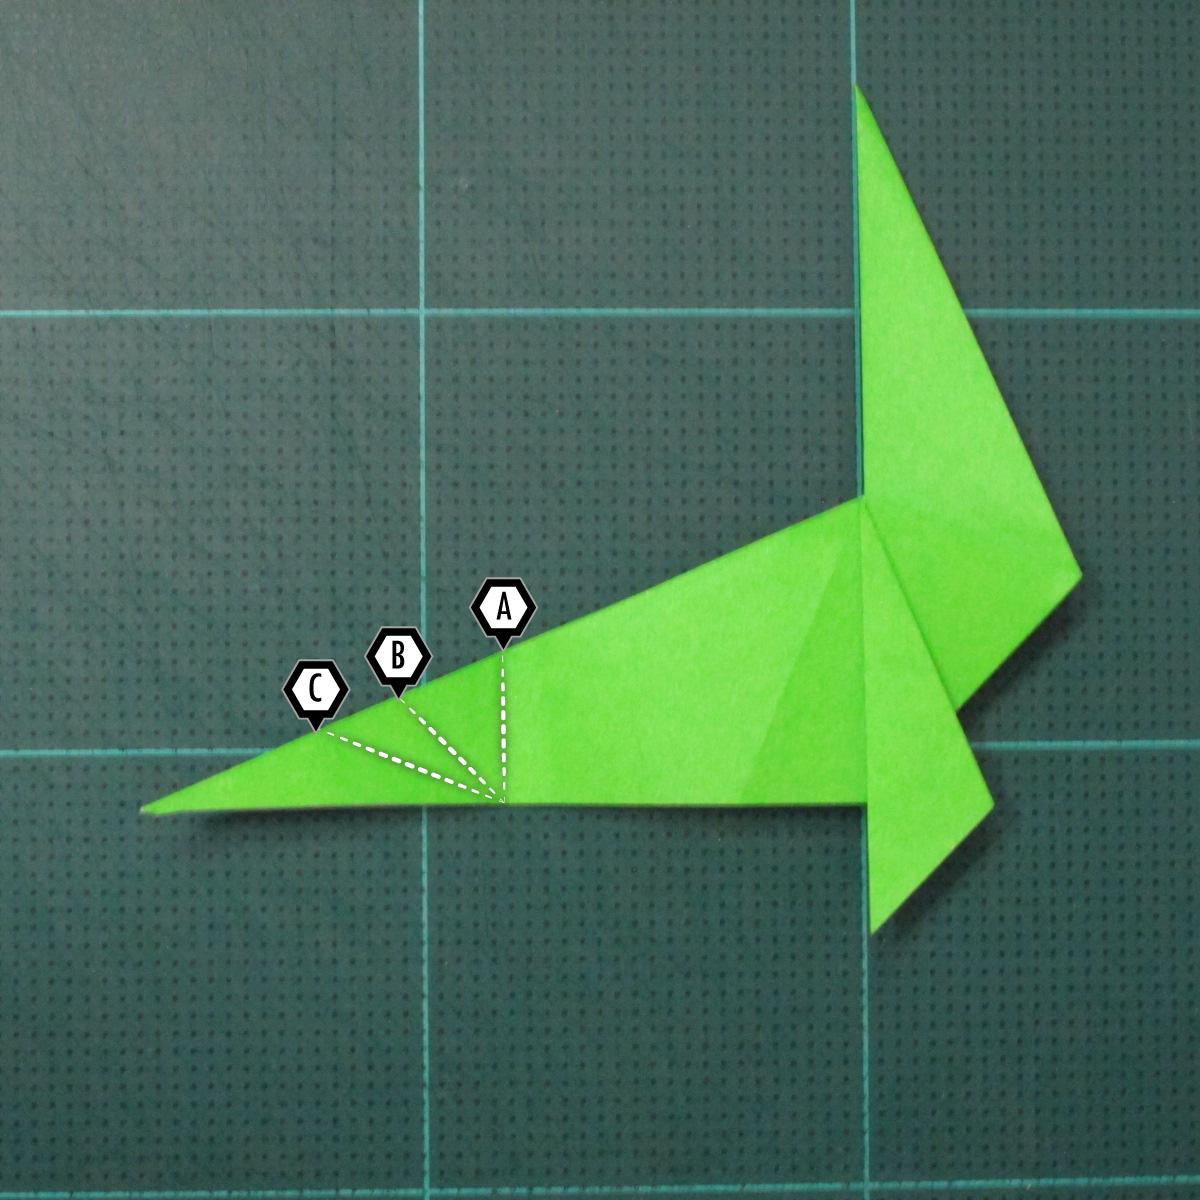 การพับกระดาษเป็นรูปแมวน้ำ (Origami Seal) 008